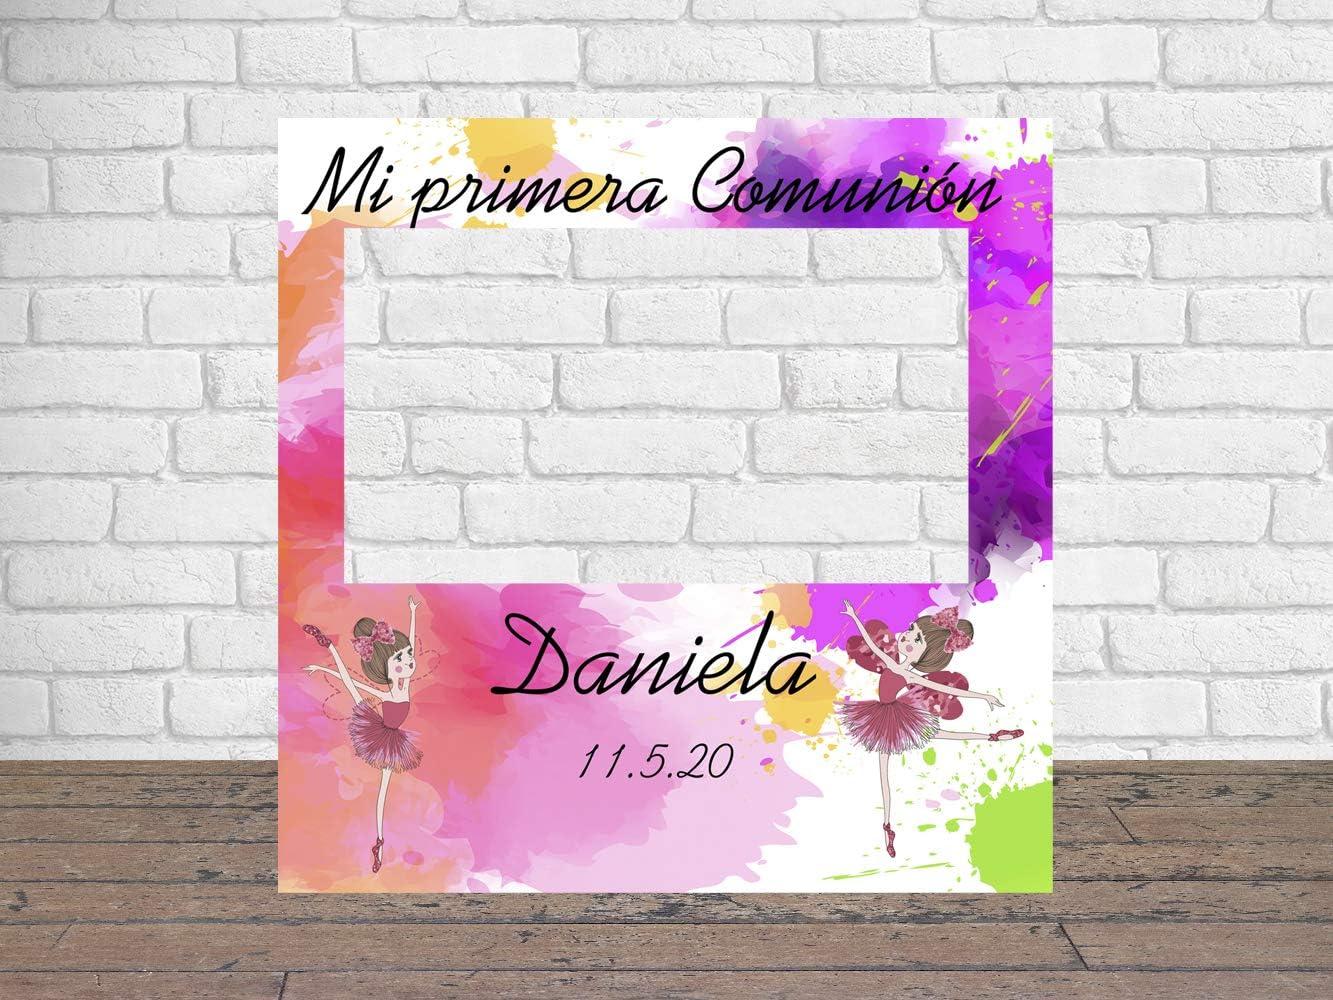 Photocall Mi Primera Comunión Bailarinas 100 x100 cm | Regalos para Bautizos | Photocall Económico y Original | Ideas para Regalos | Regalos Personalizados de Comunión